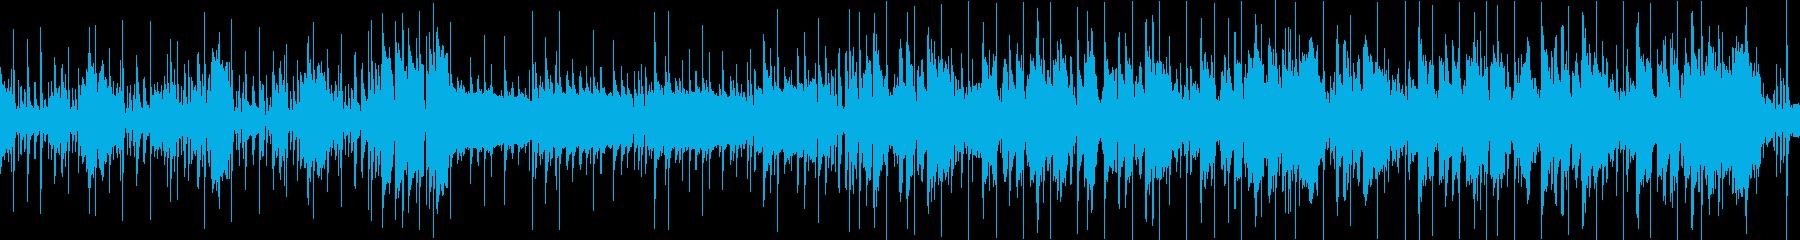 ノリノリ、ご機嫌なブラス・ファンクCの再生済みの波形